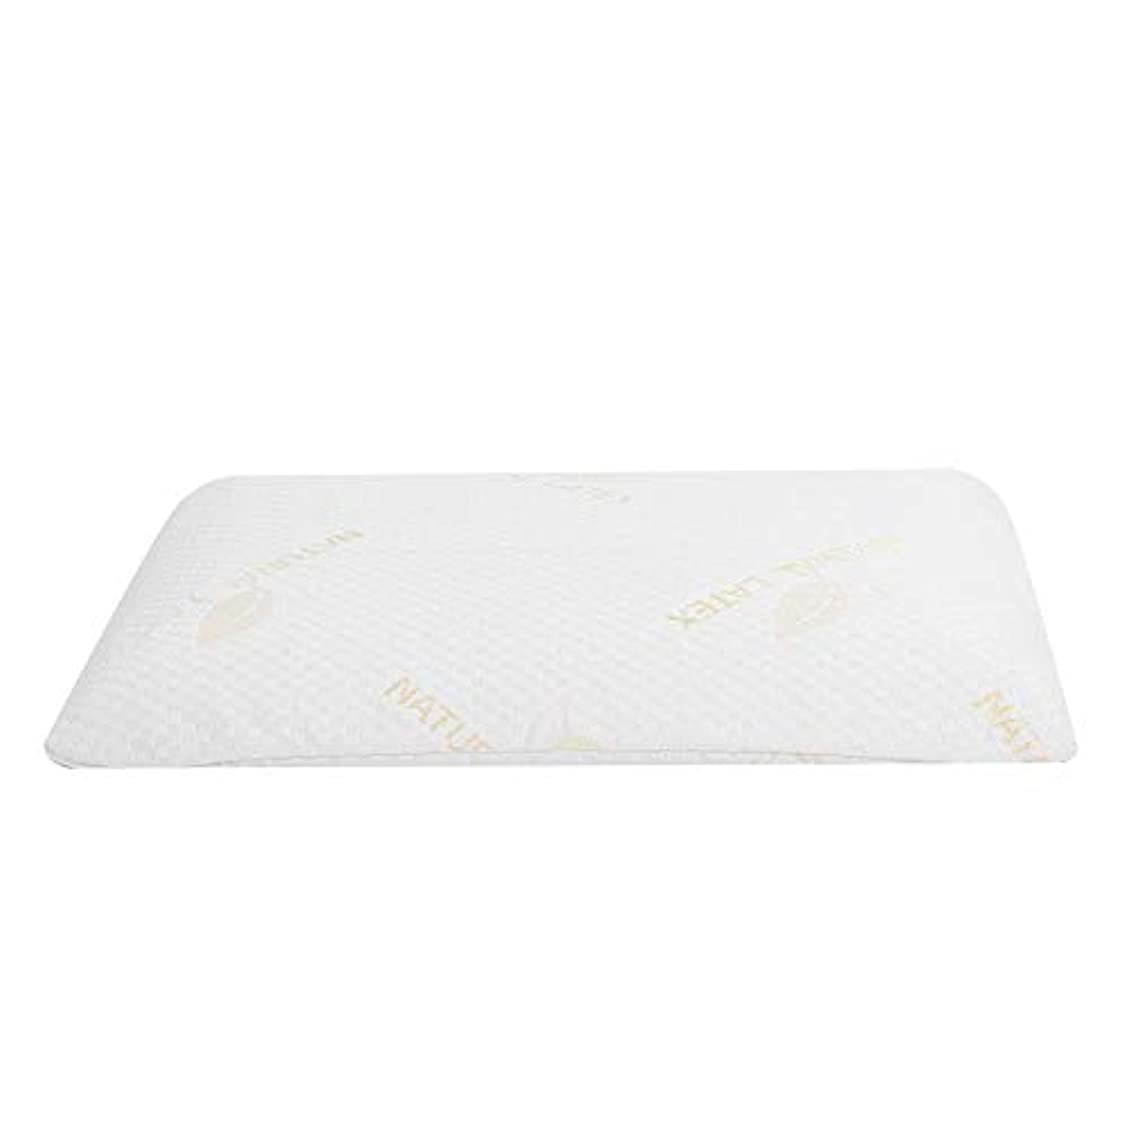 思いやりのある音声実現可能性ラテックス枕、首と肩の痛みのための睡眠の自然な高い整形外科顆粒マッサージデザインのための豪華な記憶枕